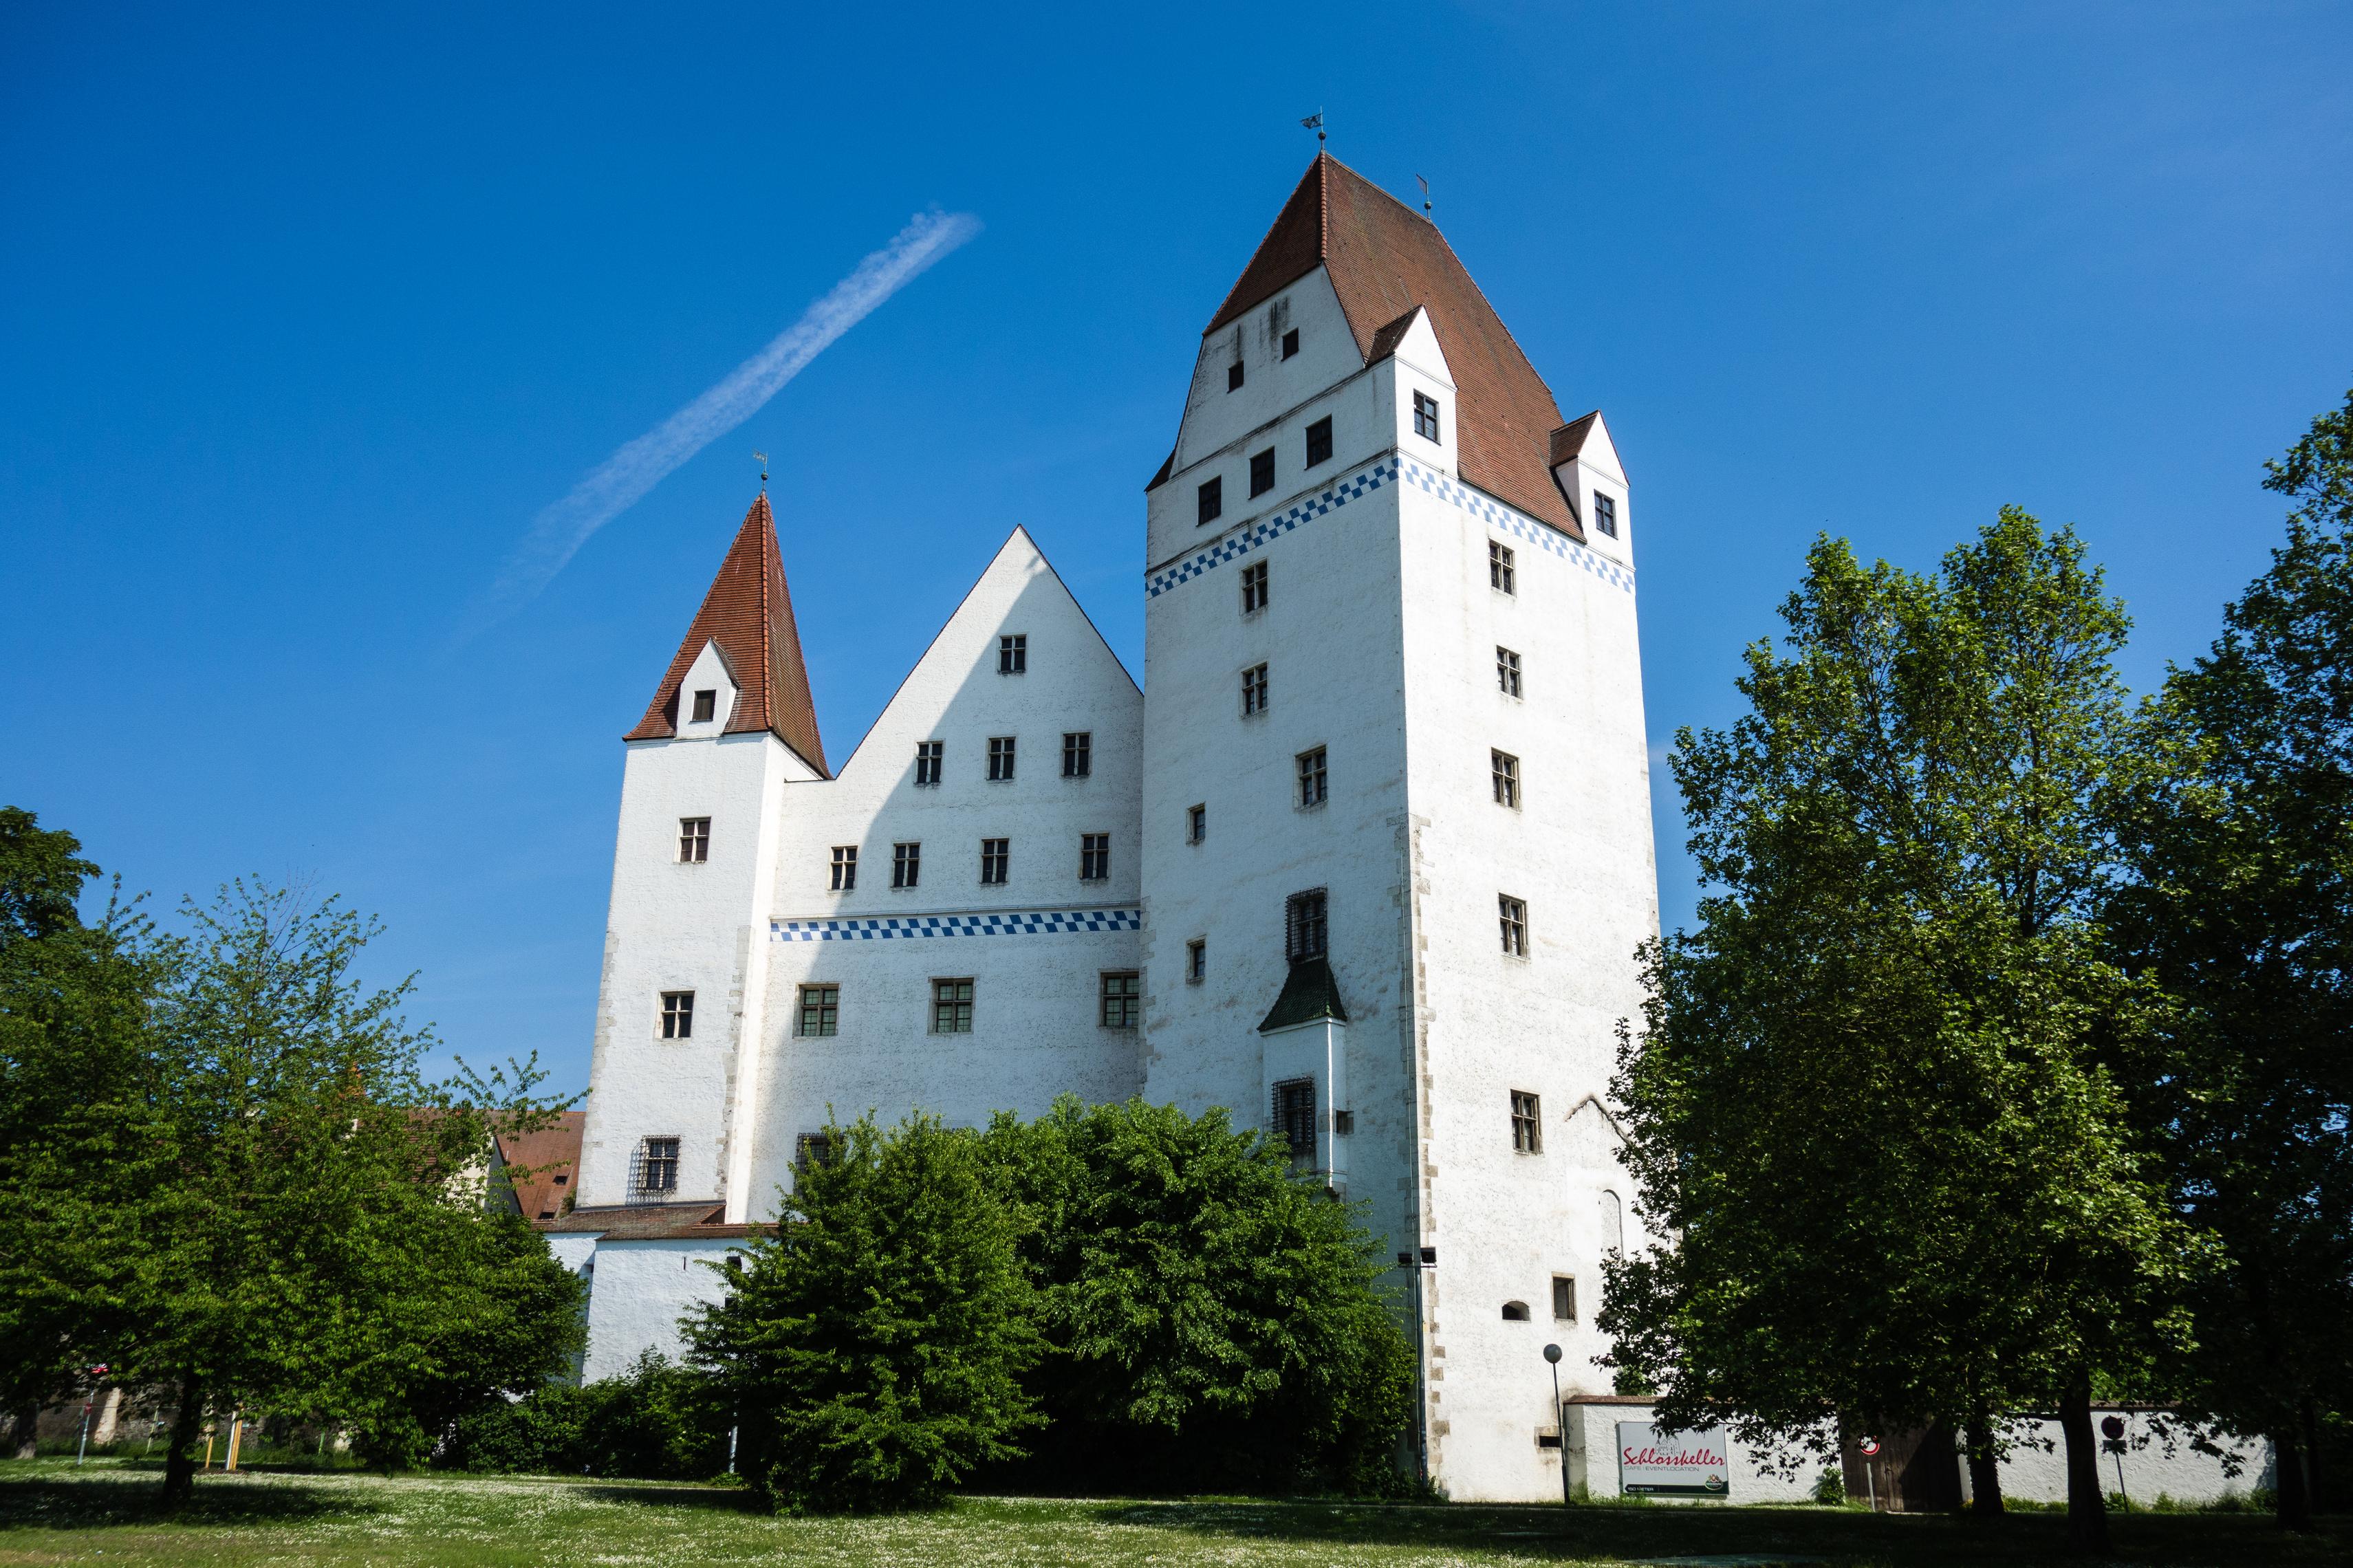 Ingolstadt_New castle in Ingolstadt_112142411 (not online).jpg